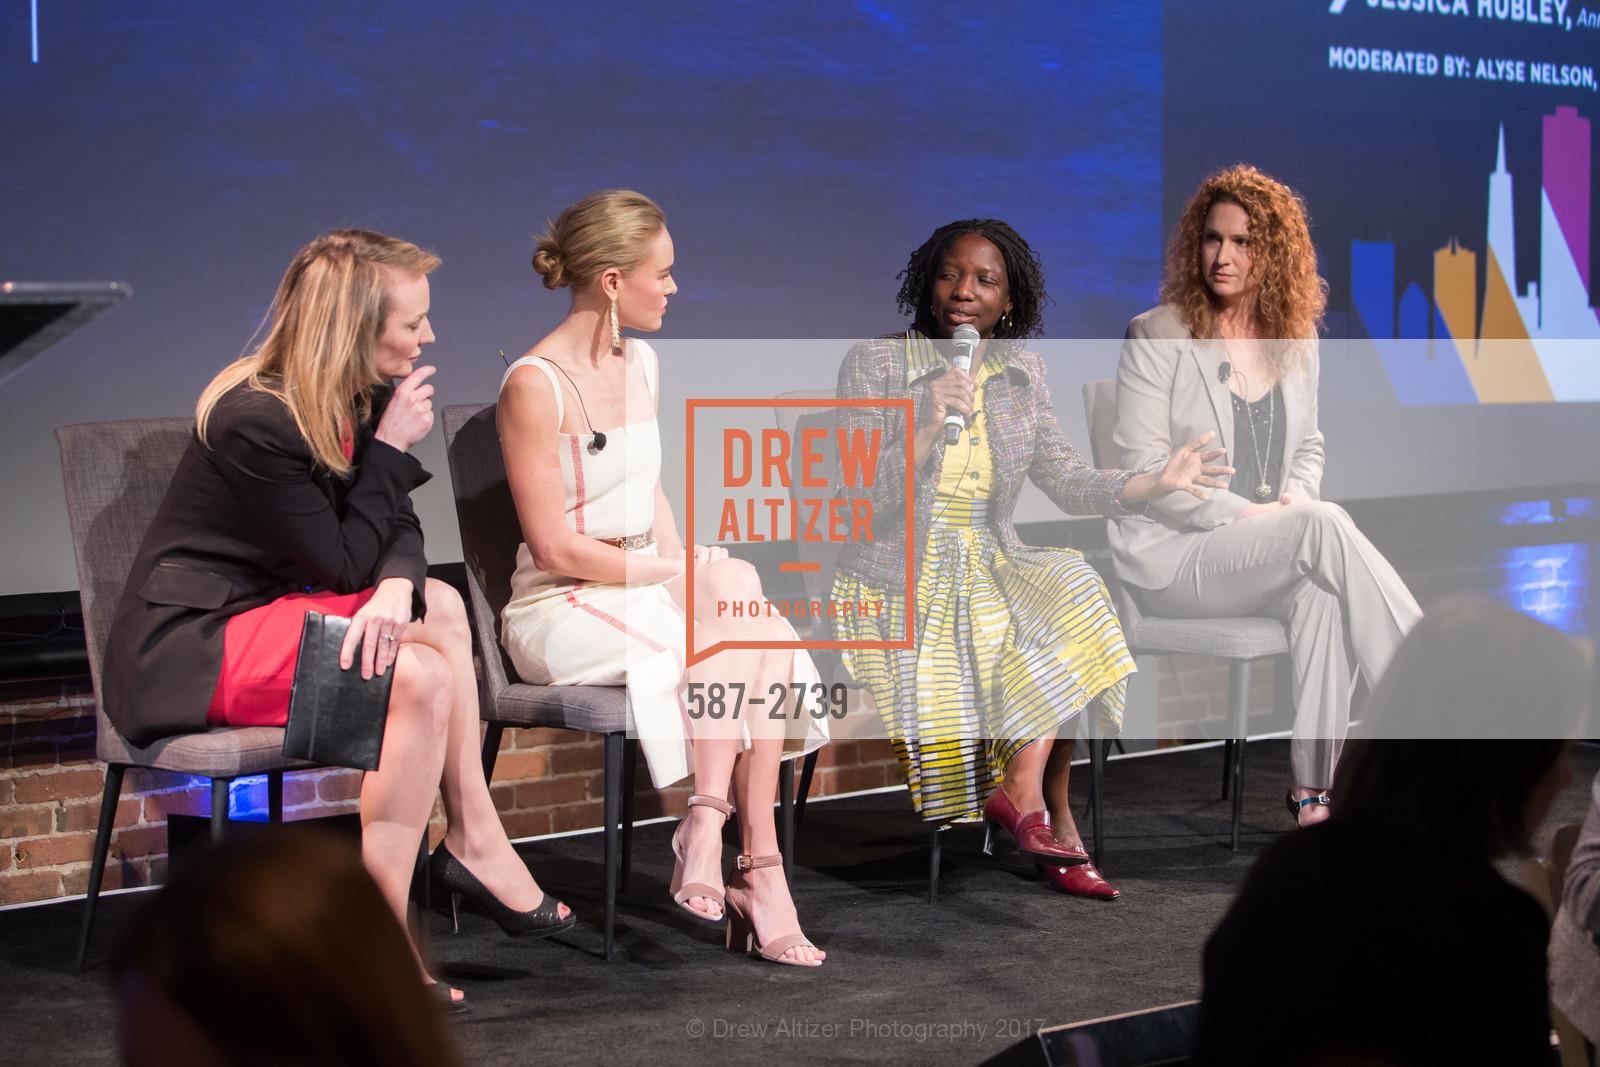 Alyse Nelson, Kate Bosworth, Agnes Igoye, Jessica Hubley, Photo #587-2739